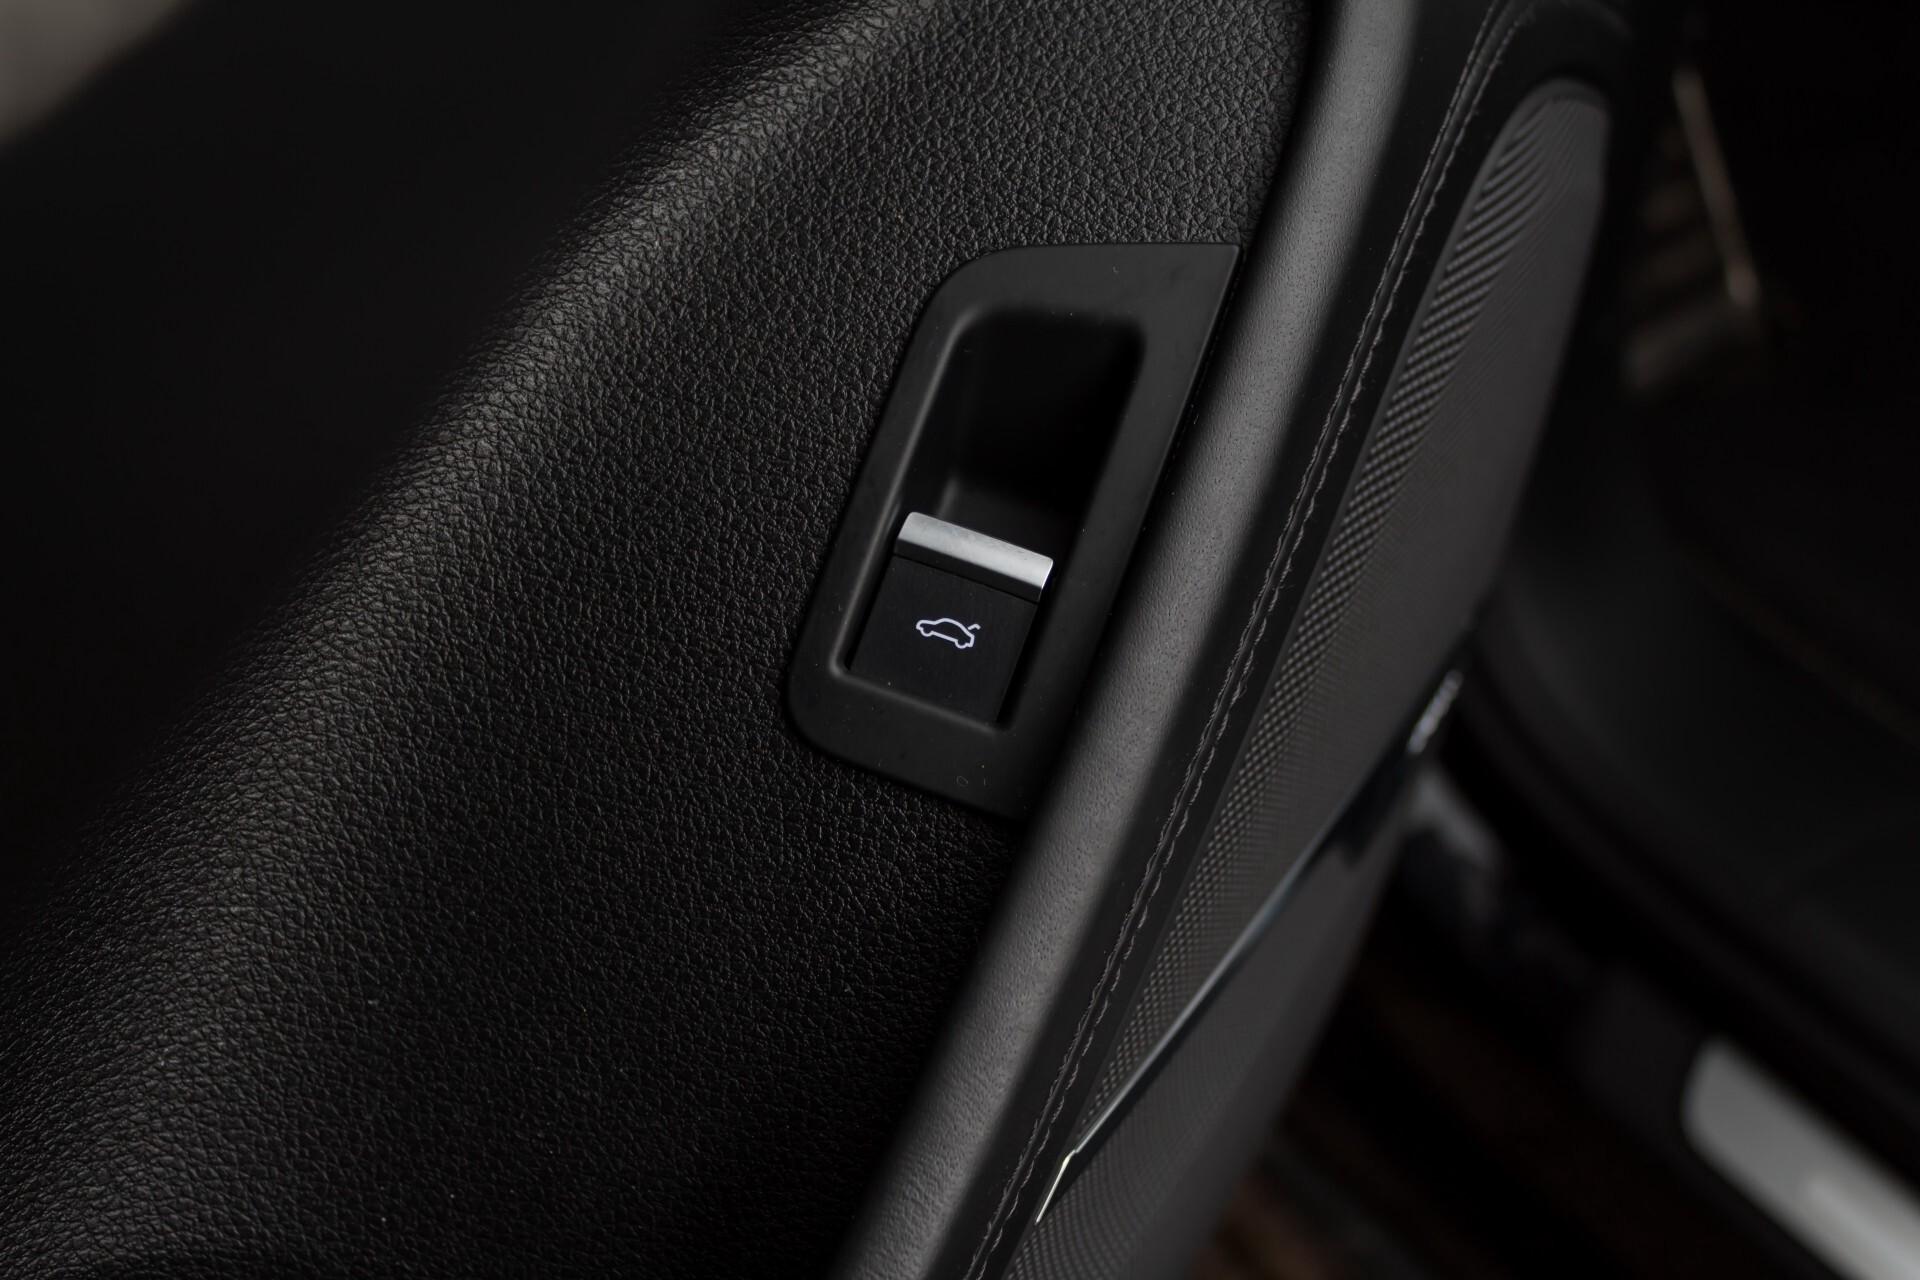 Audi SQ7 4.0 TDI 435pk Quattro Full Options Grijs Kenteken Aut8 Foto 43